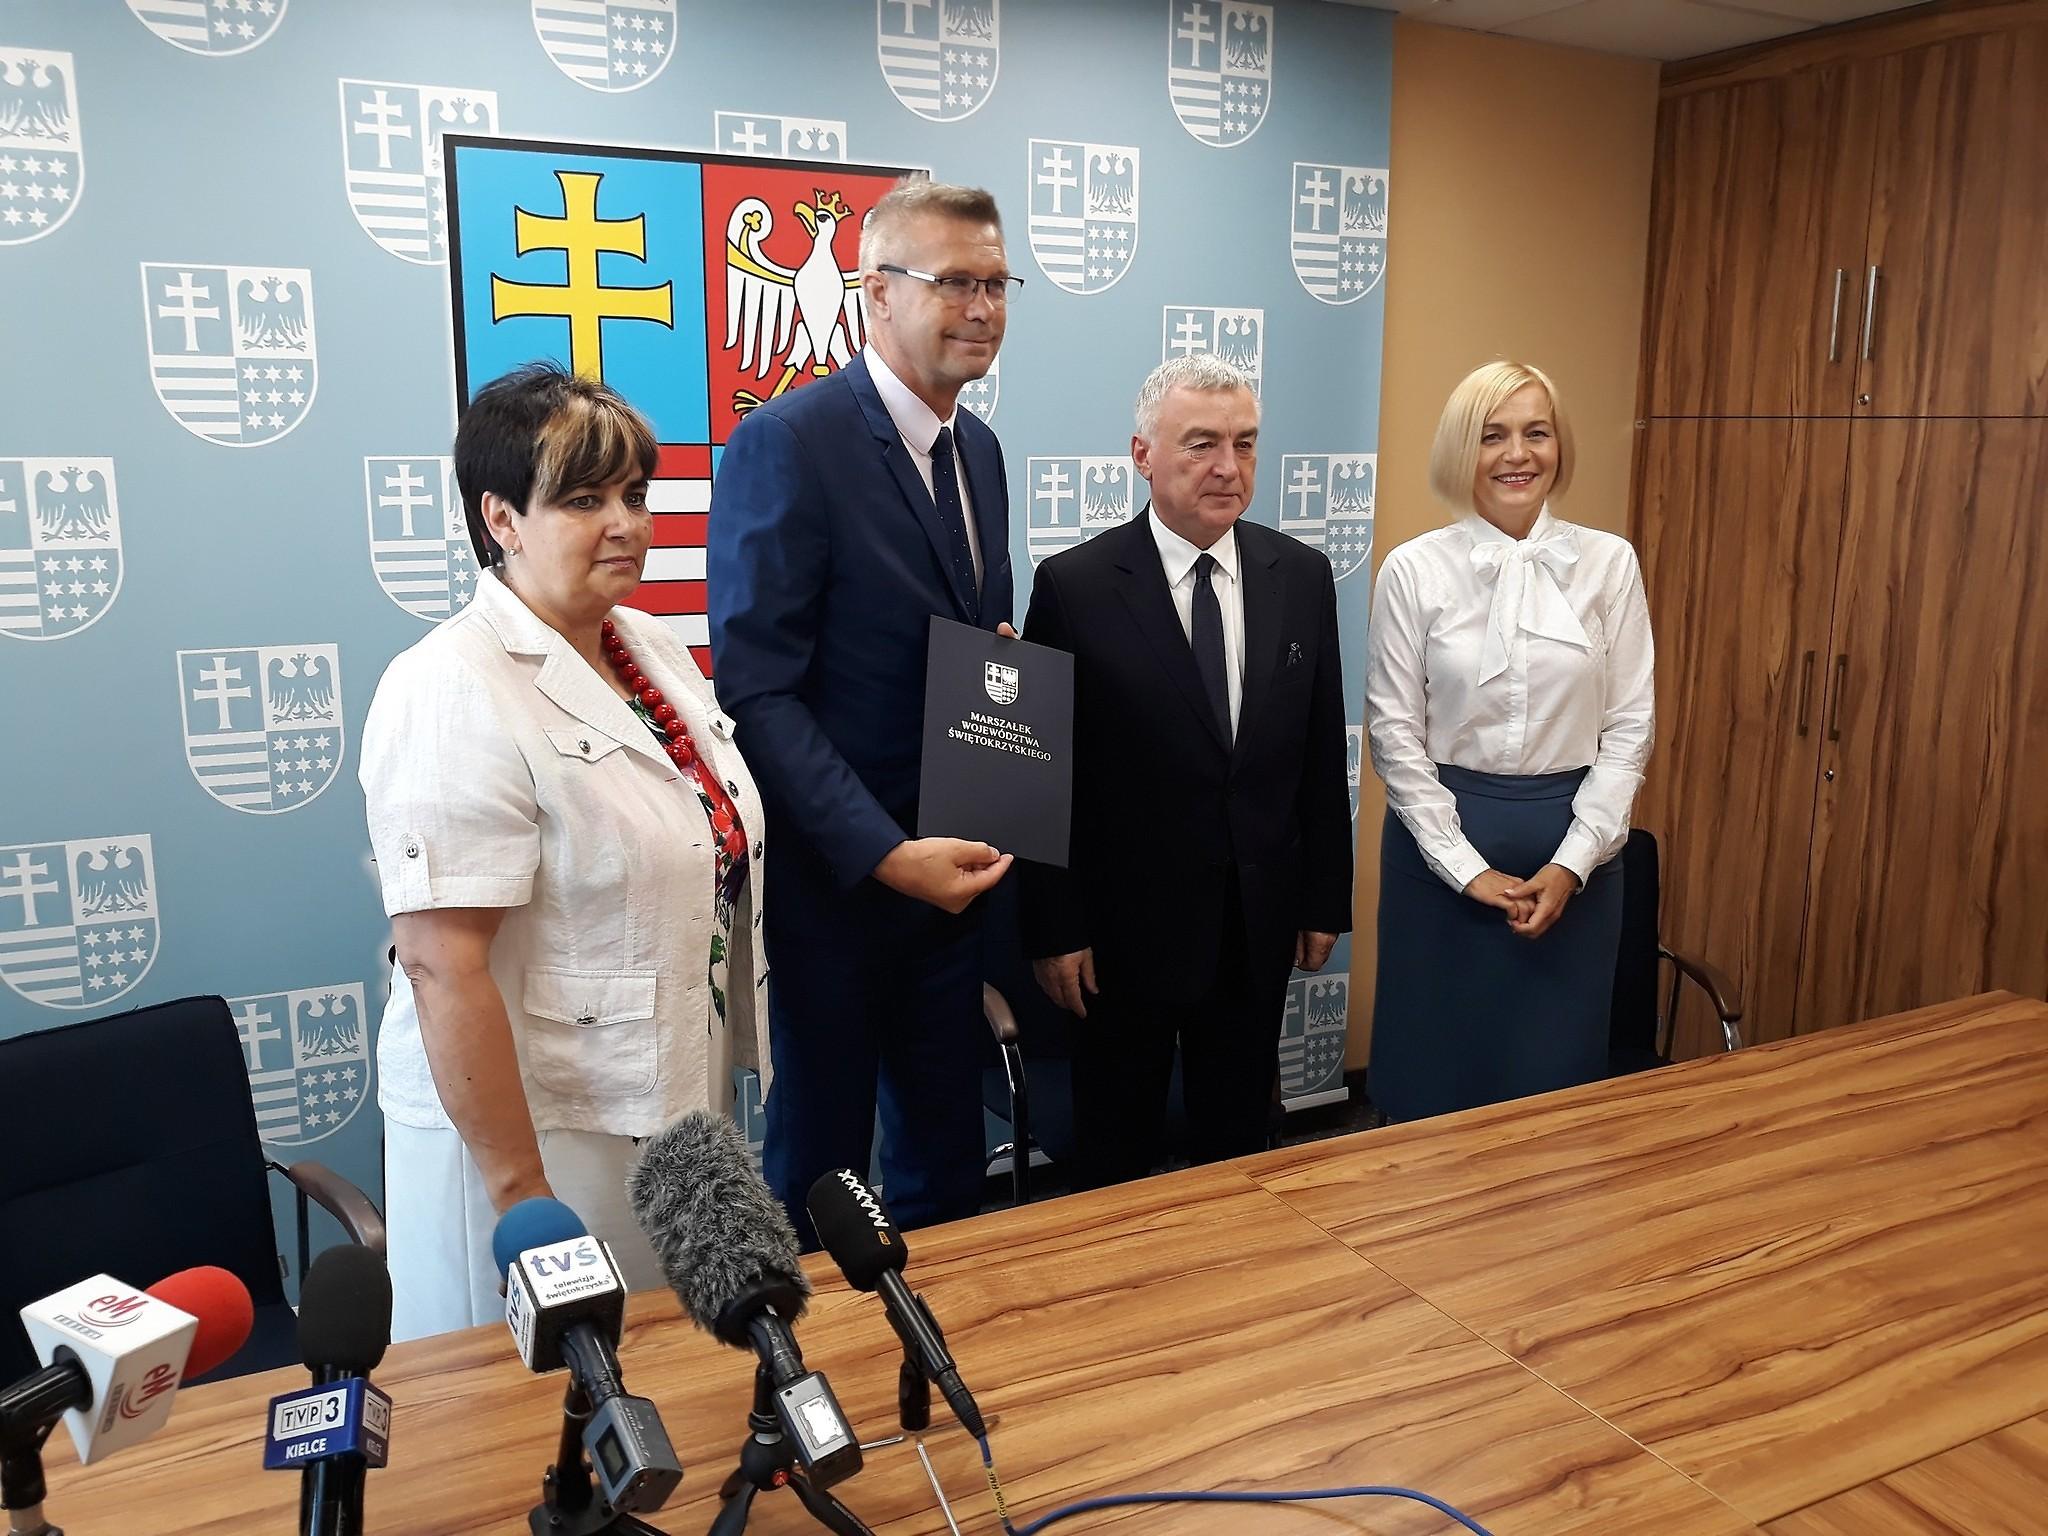 Pokazaliśmy razem z władzami województwa, że możemy mieć cel nadrzędny, mimo że na pewne kwestie czy rozwiązania możemy patrzeć inaczej - zaznaczył prezydent Kielc (fot.um.kielce.pl)